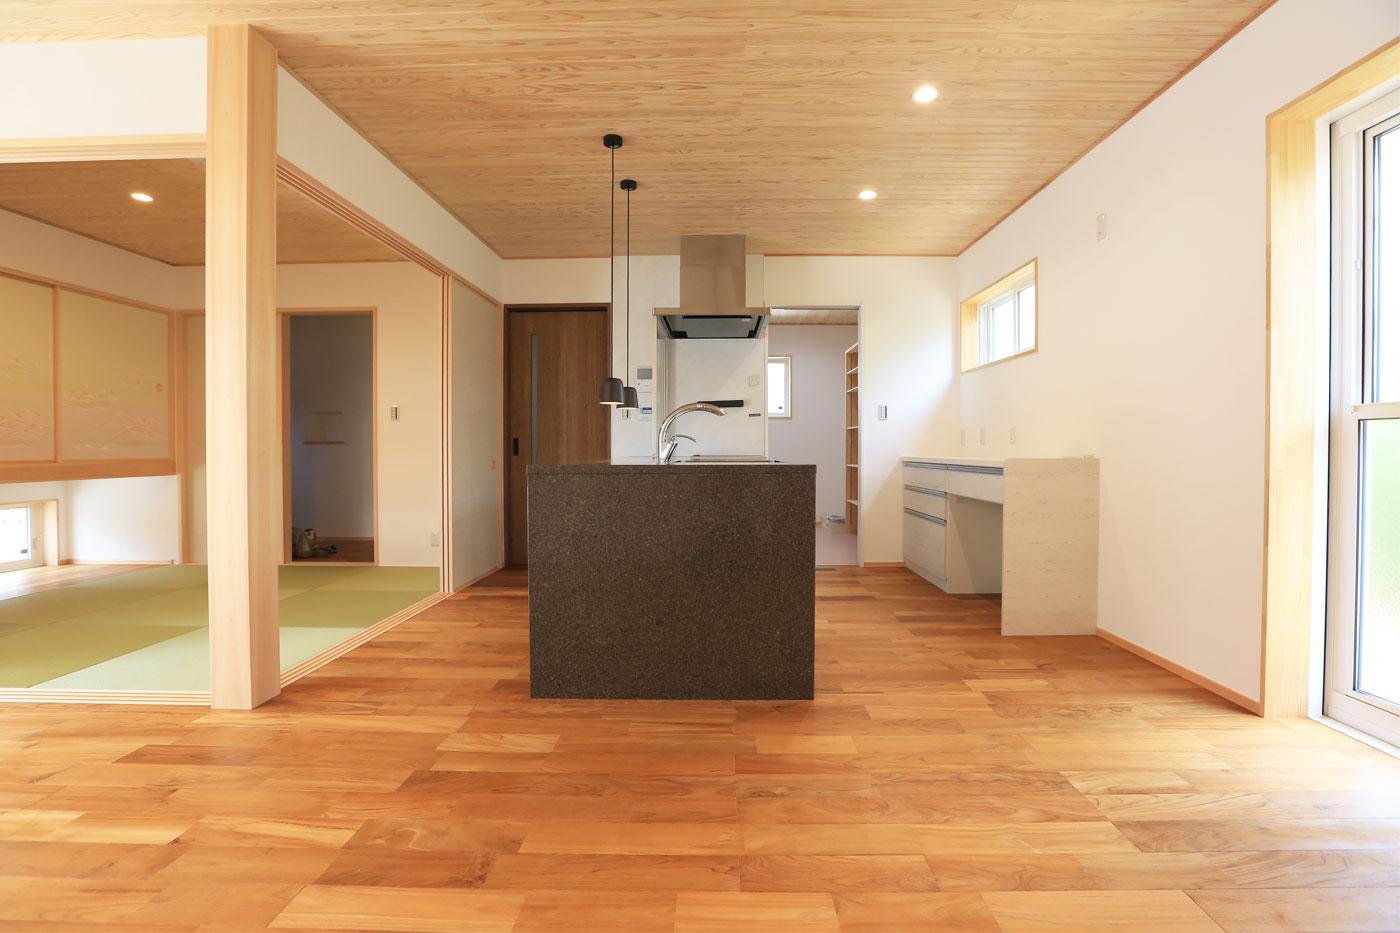 福知山市 新築住宅 アイランドキッチン